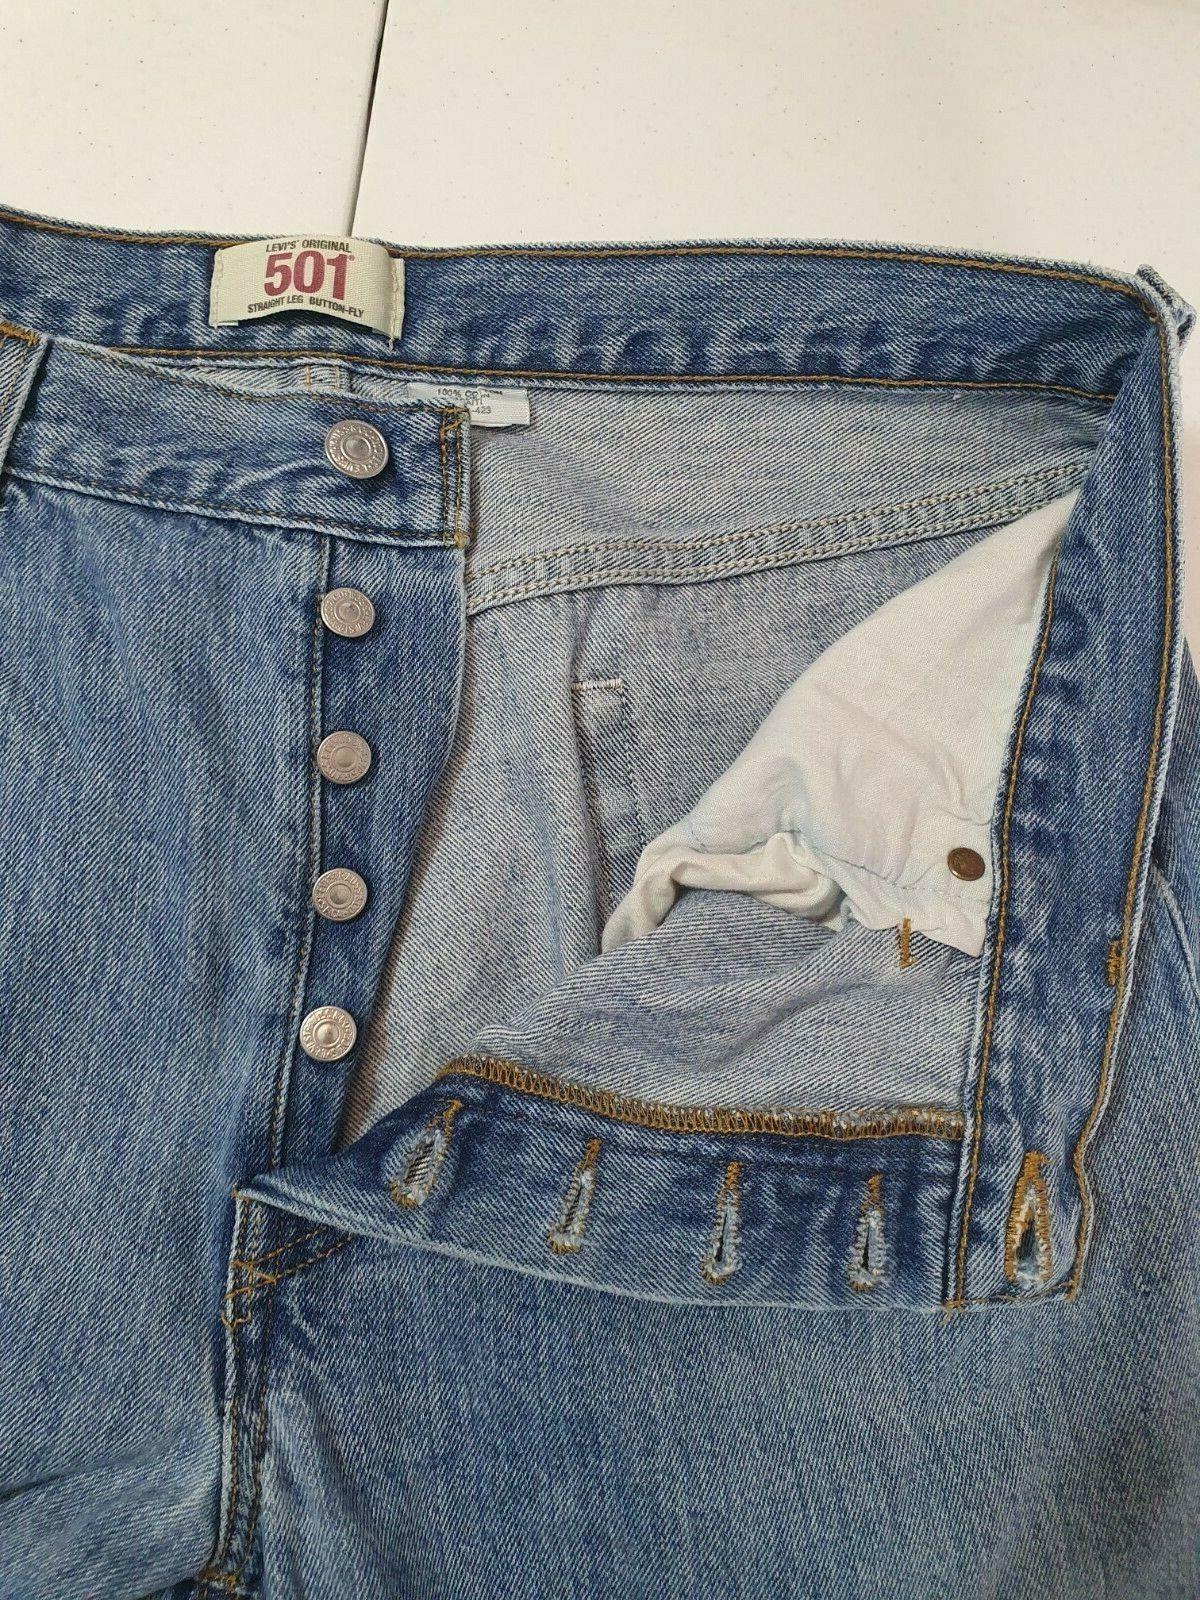 Vintage  Levis 501 XX Jeans Mens 36x30 Distressed… - image 6